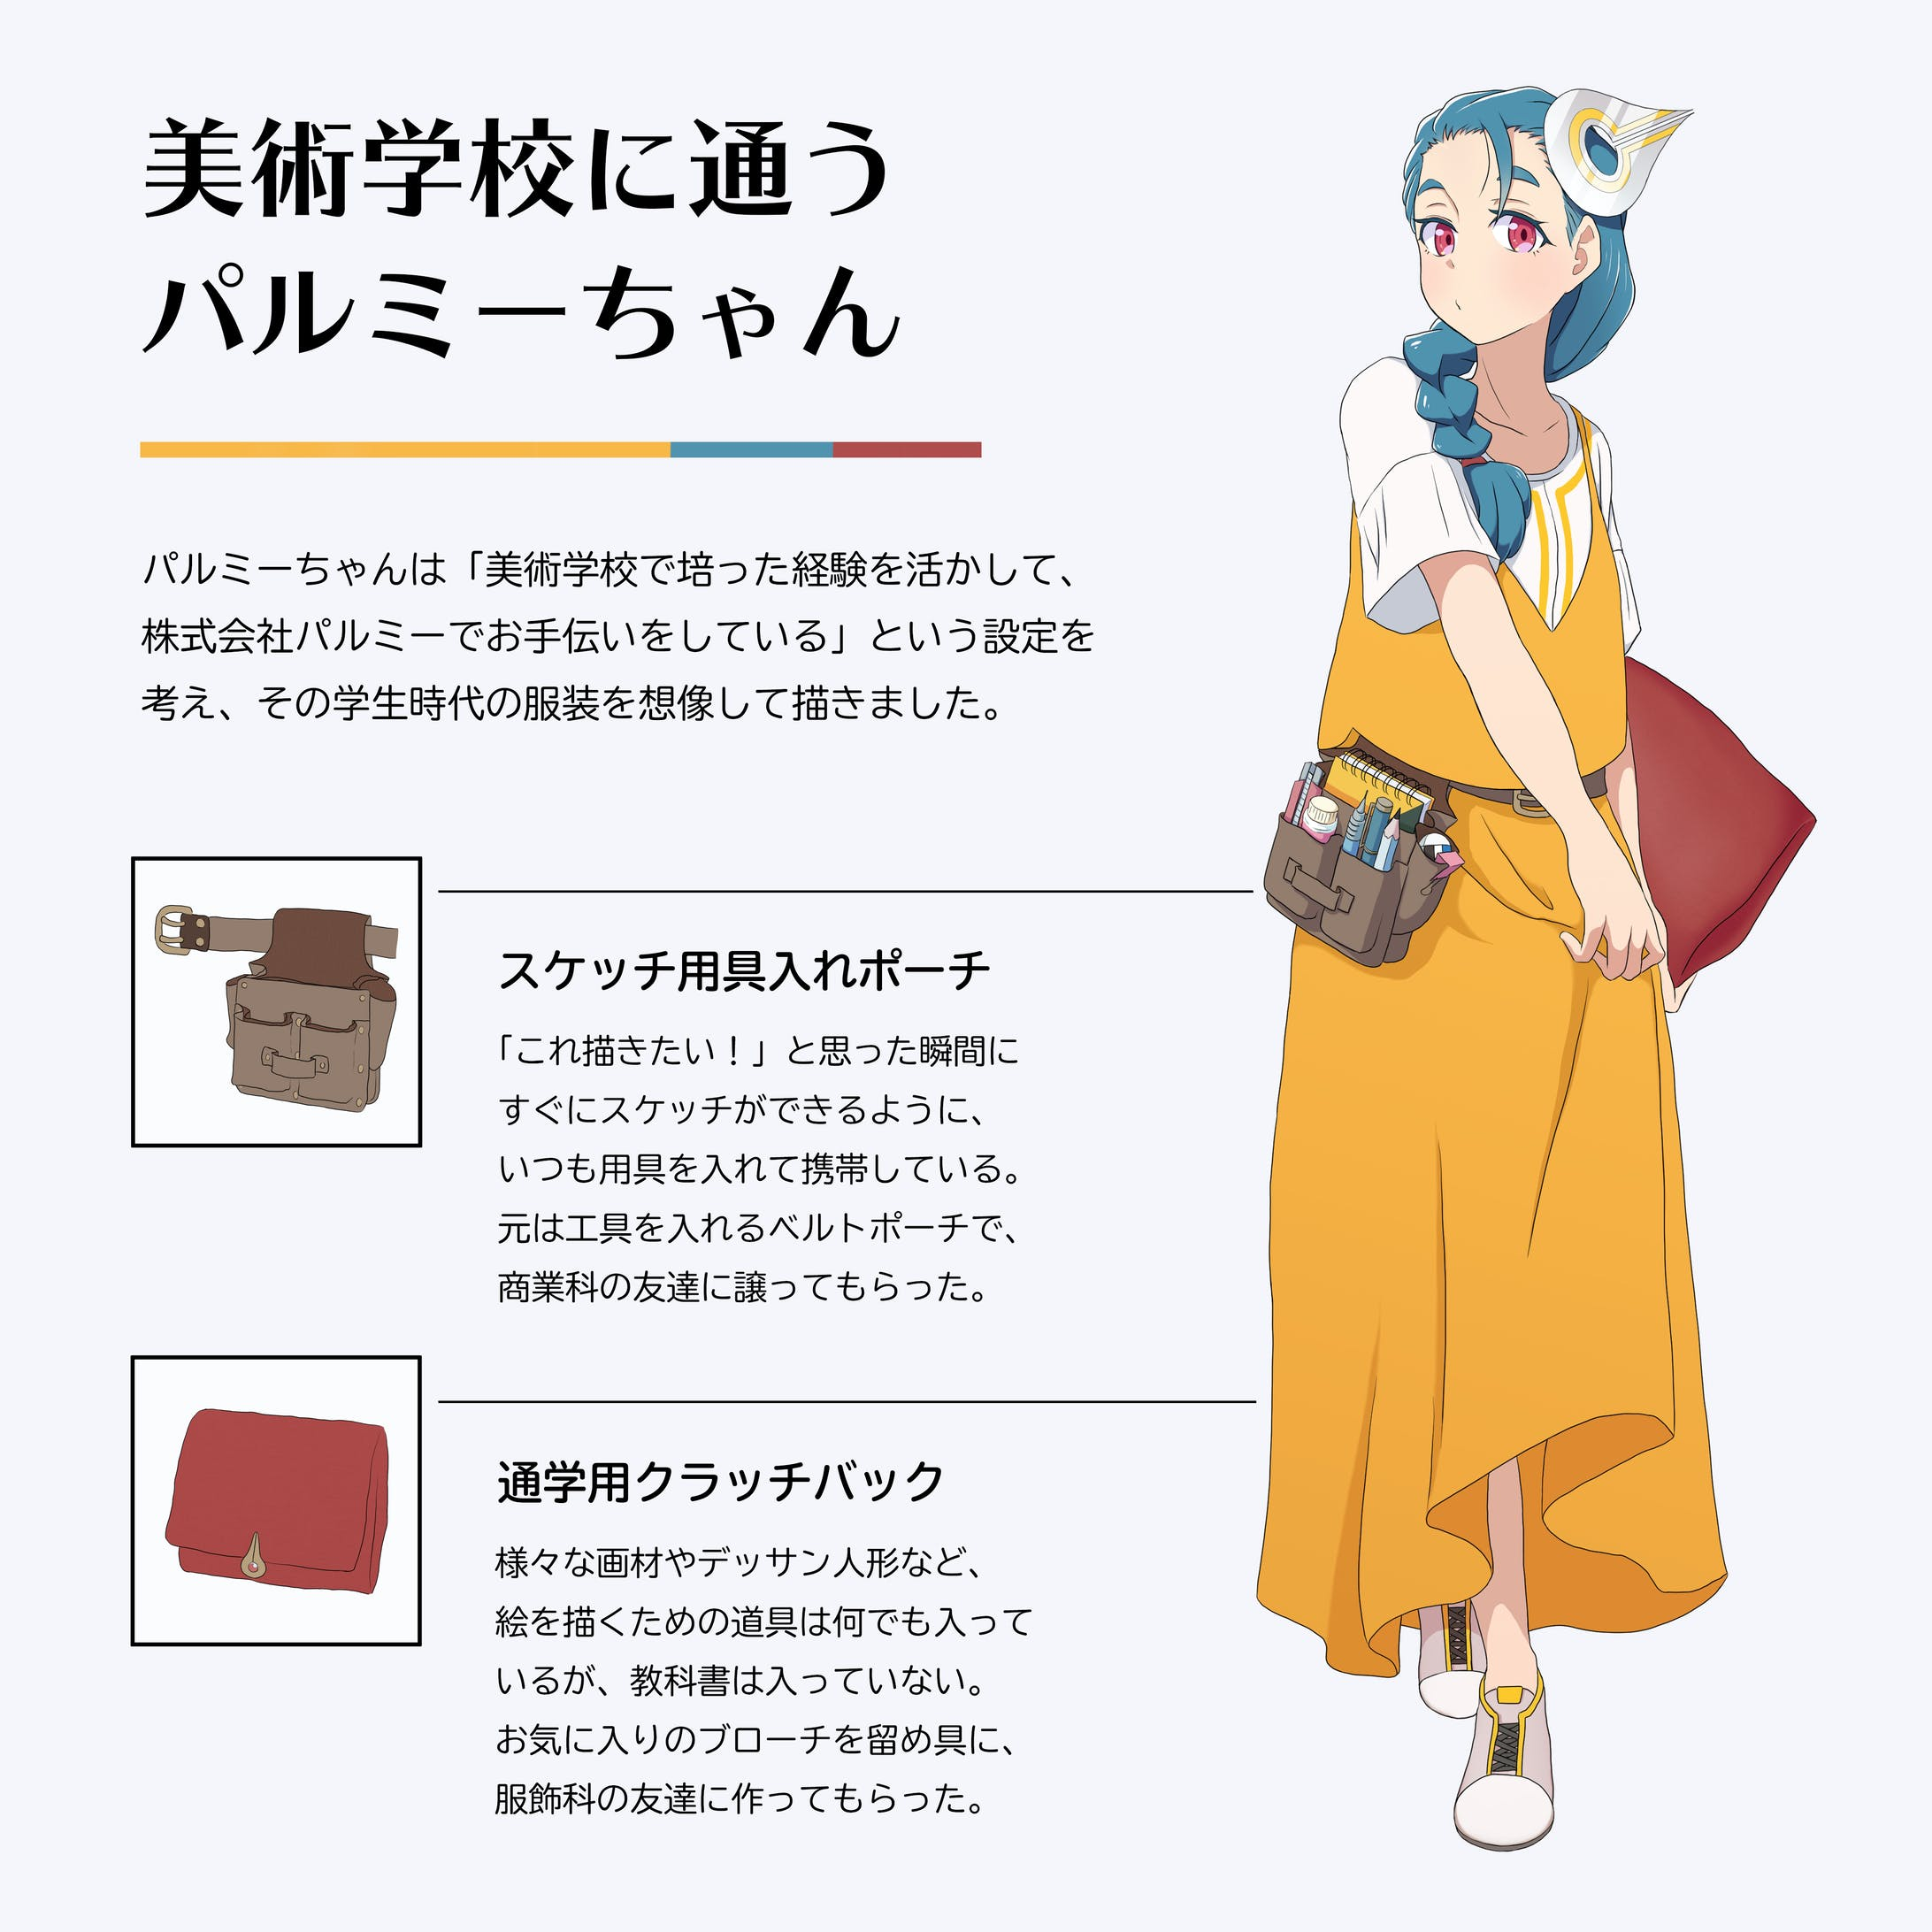 パルミーちゃん衣装デザイン-1